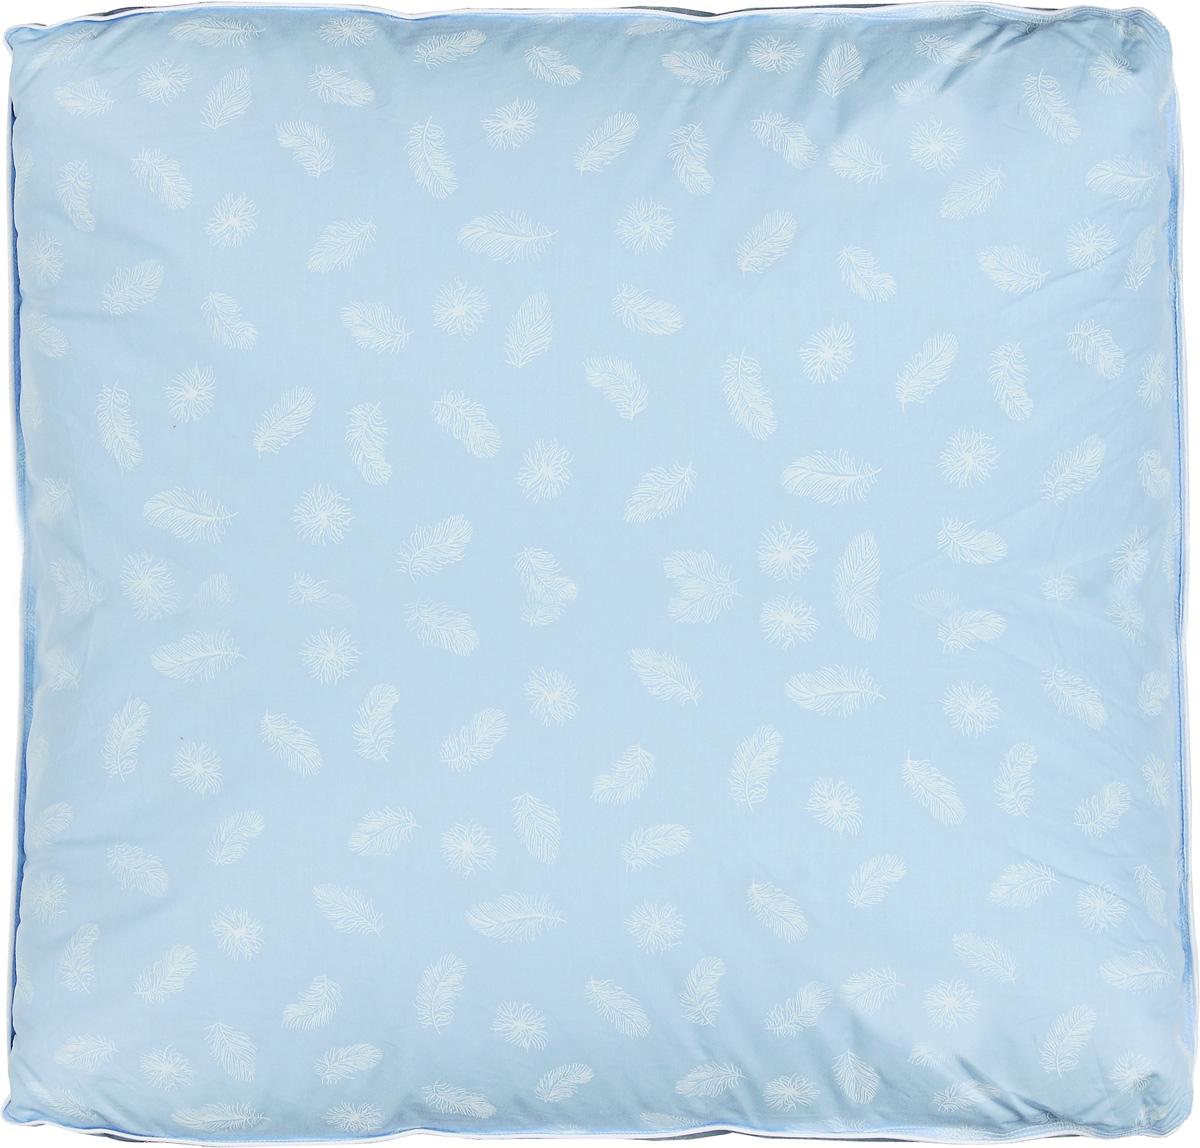 Подушка Легкие сны Донна, наполнитель: гусиный пух второй категории, 60 x 60 см66(14)02-ПЭПодушка Легкие сны Донна поможет расслабиться, снимет усталость и подарит вам спокойный и здоровый сон. Наполнителем является воздушный и легкий гусиный пух второй категории. Чехол выполнен из гладкого, шелковистого и при этом достаточно прочного тика (100% хлопка). По краю подушки выполнена отделка кантом. Это отличный вариант для подарка себе и своим близким и любимым. Степень поддержки: упругая. Рекомендации по уходу: Деликатная стирка при температуре воды до 30°С. Отбеливание, барабанная сушка и глажка запрещены. Разрешается обычная химчистка.